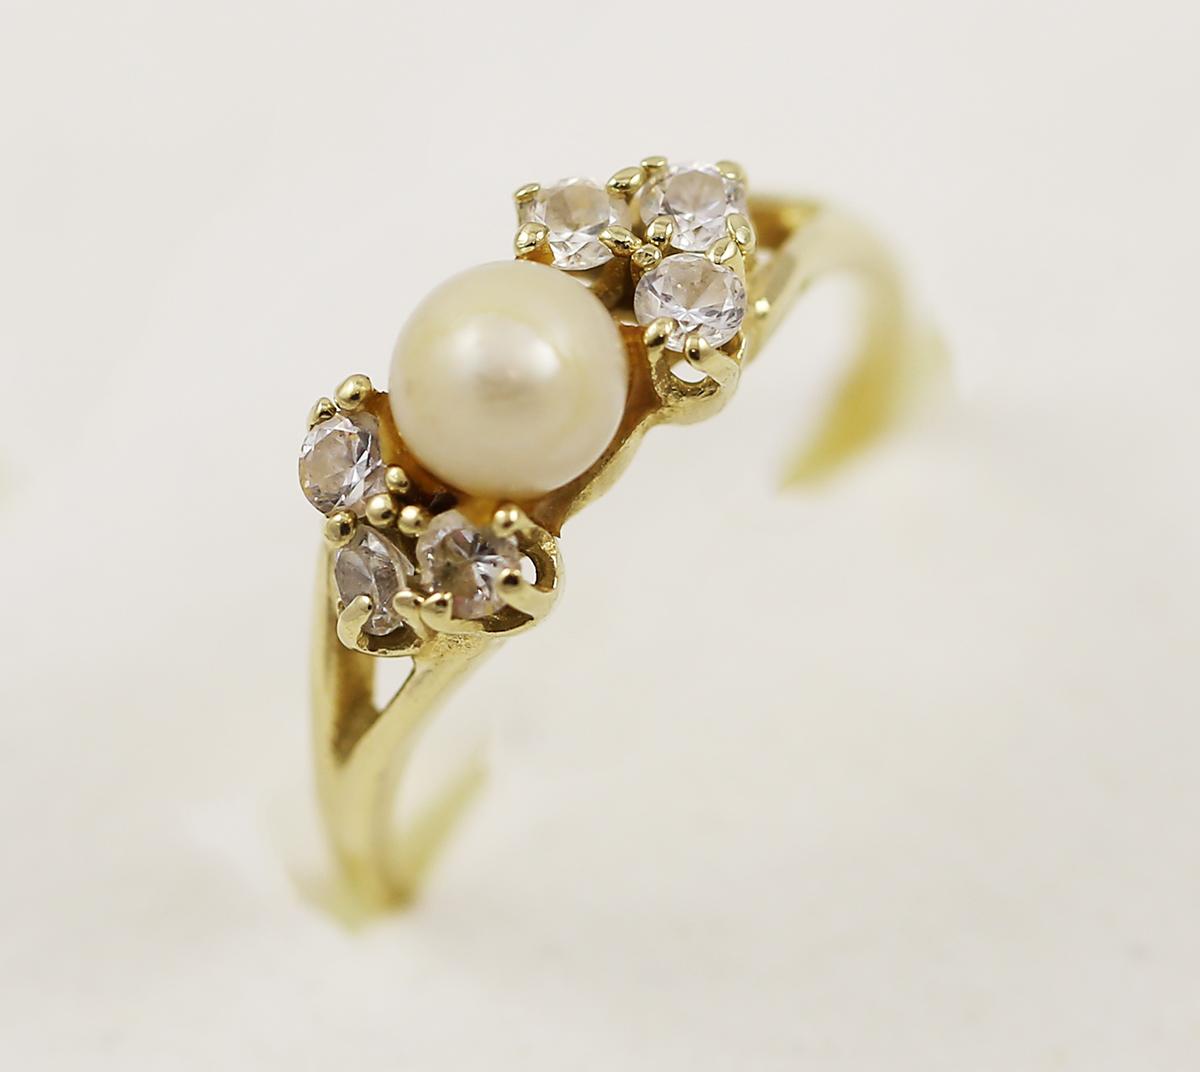 Zlatý prsten s perlou a zirkony - Zastavárna a Bazar Zlín - U radnice c98a6f914b8